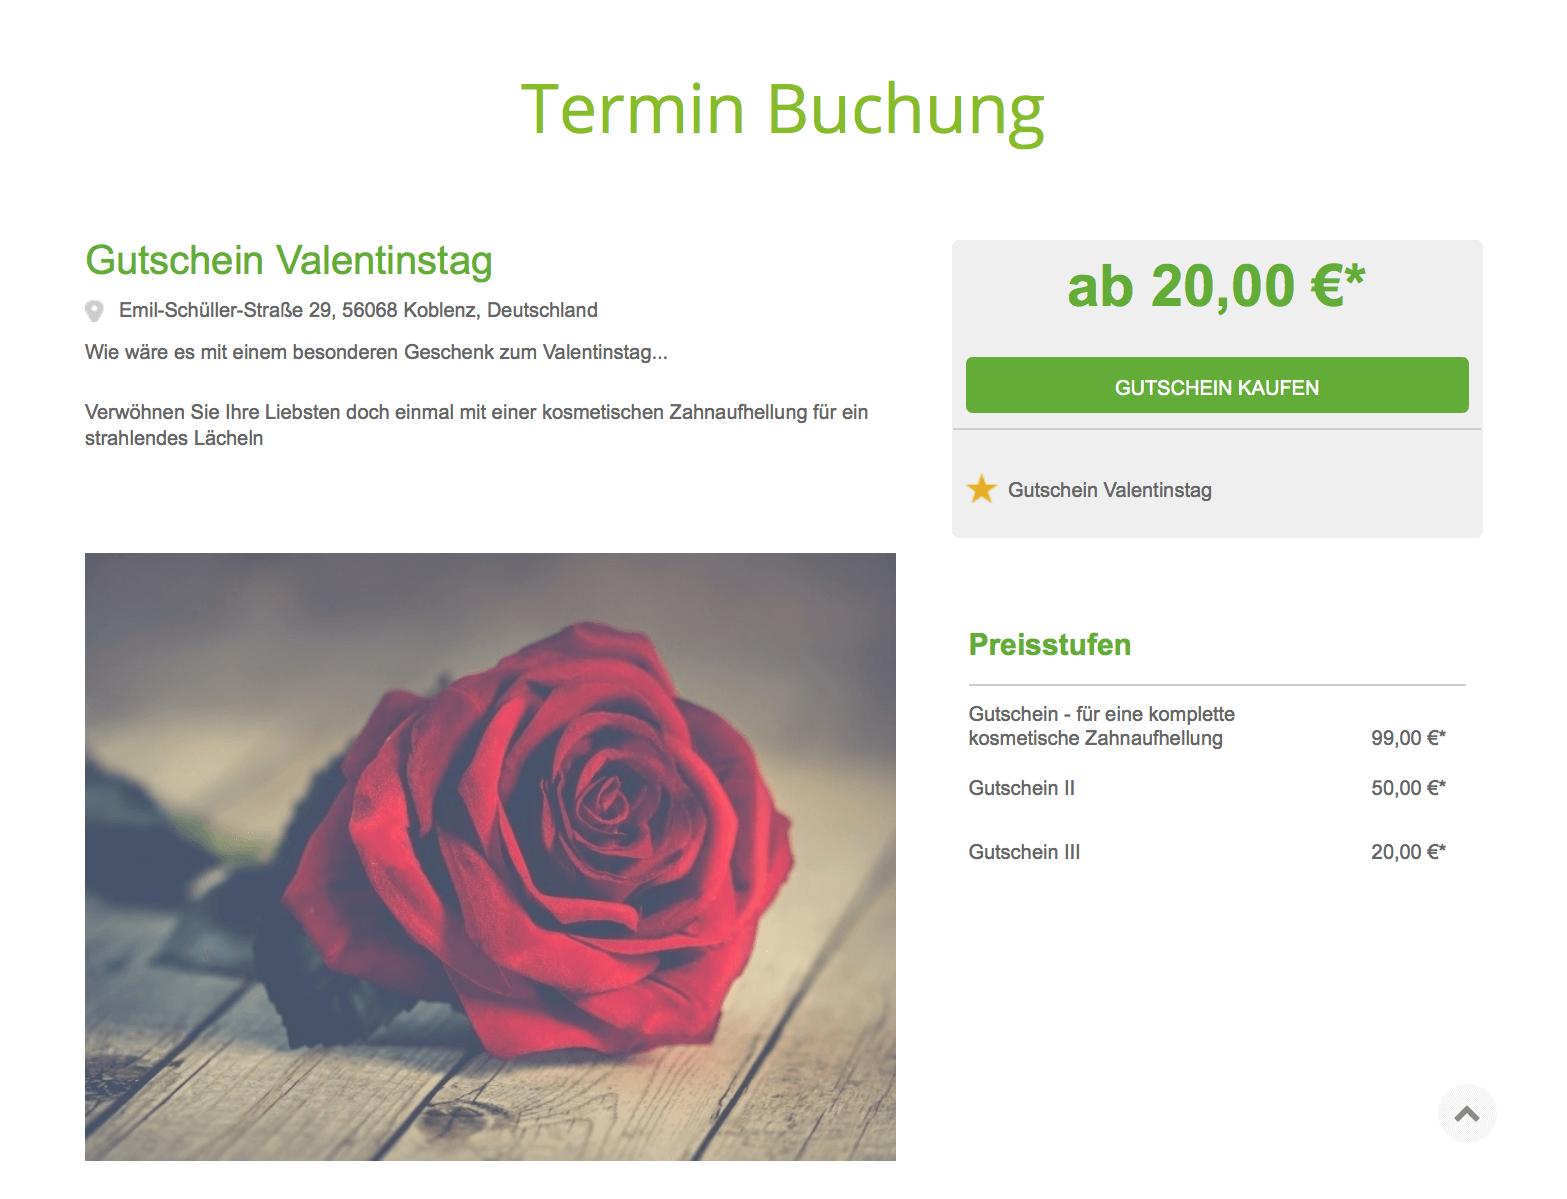 Ausgezeichnet Valentinstag Gutschein Buch Vorlage Zeitgenössisch ...